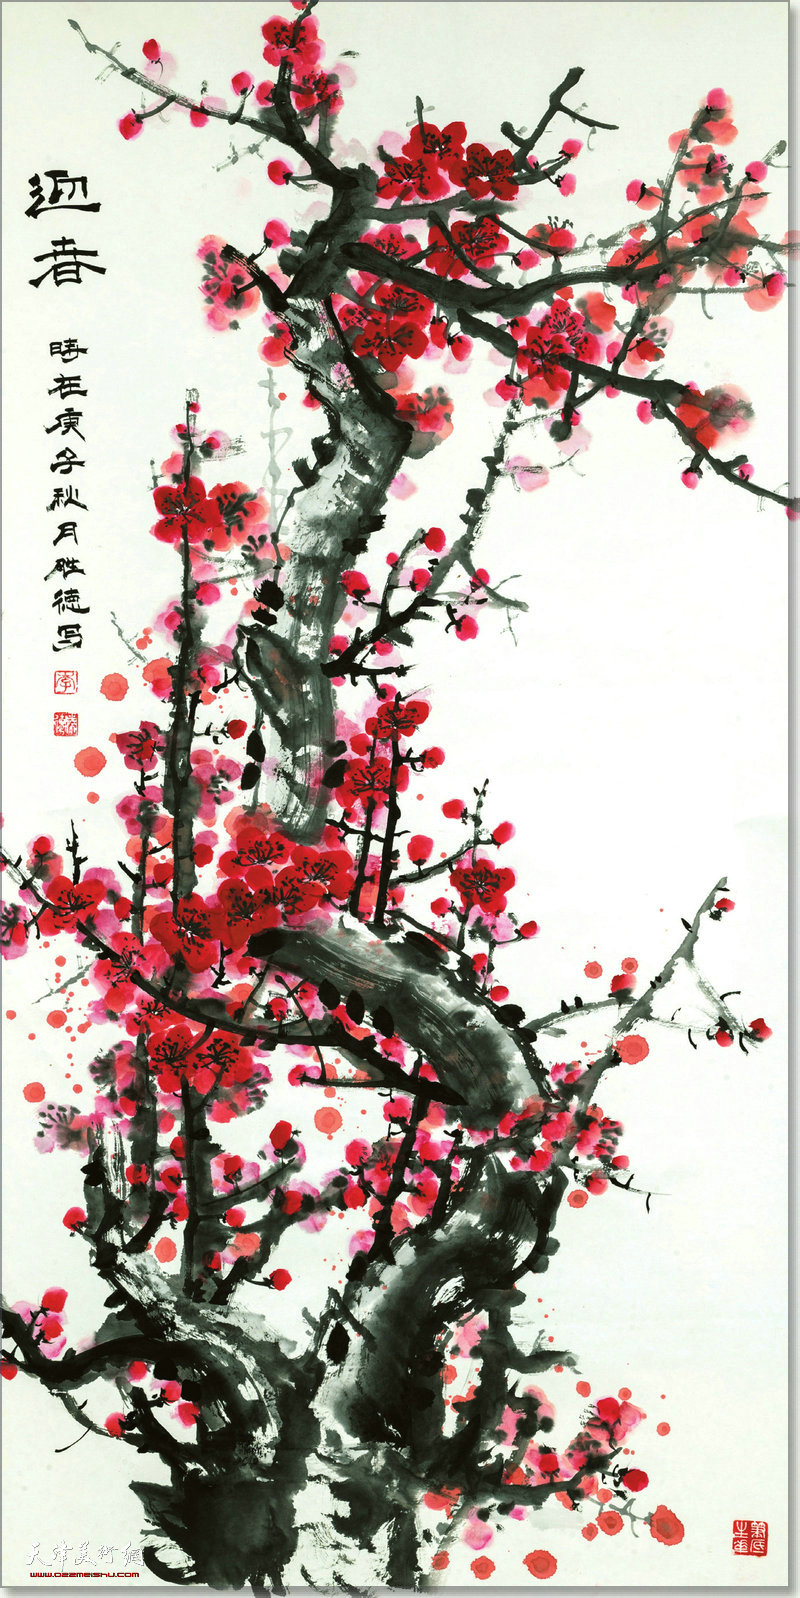 李胜德作品:迎春